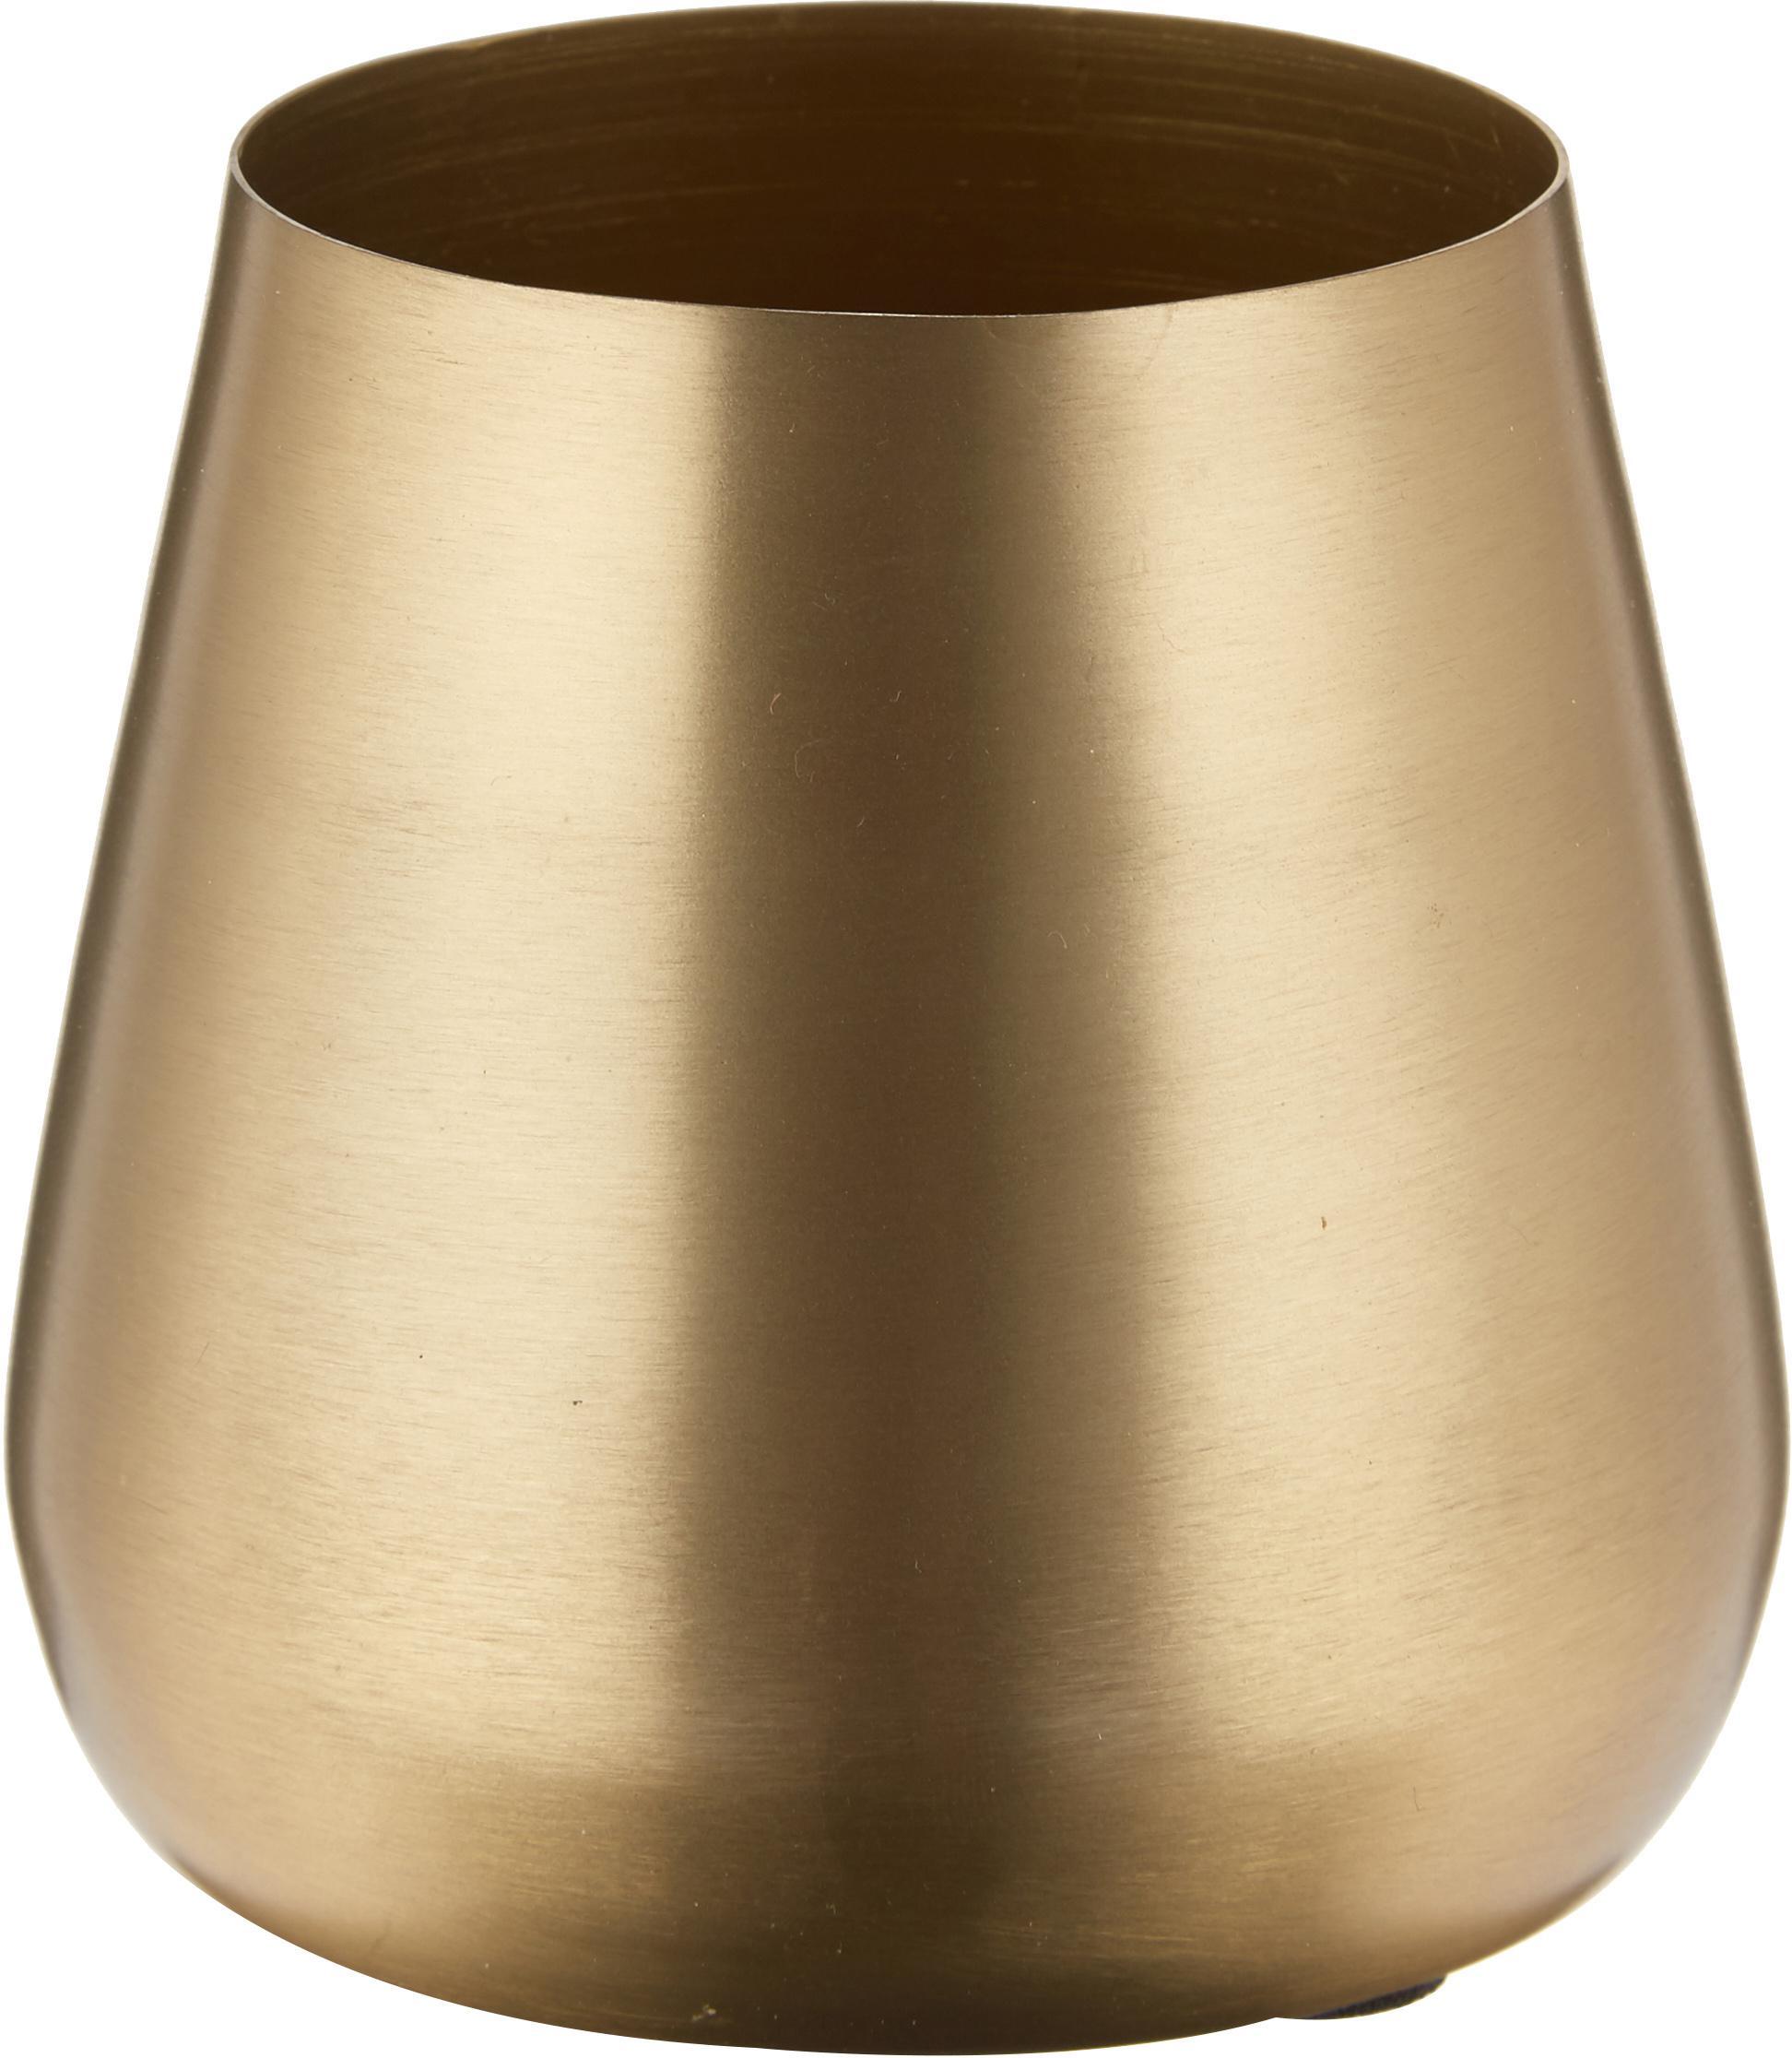 Vaso decorativo in metallo Simply, Metallo rivestito e non impermeabile, Ottonato, Ø 10 x Alt. 9 cm